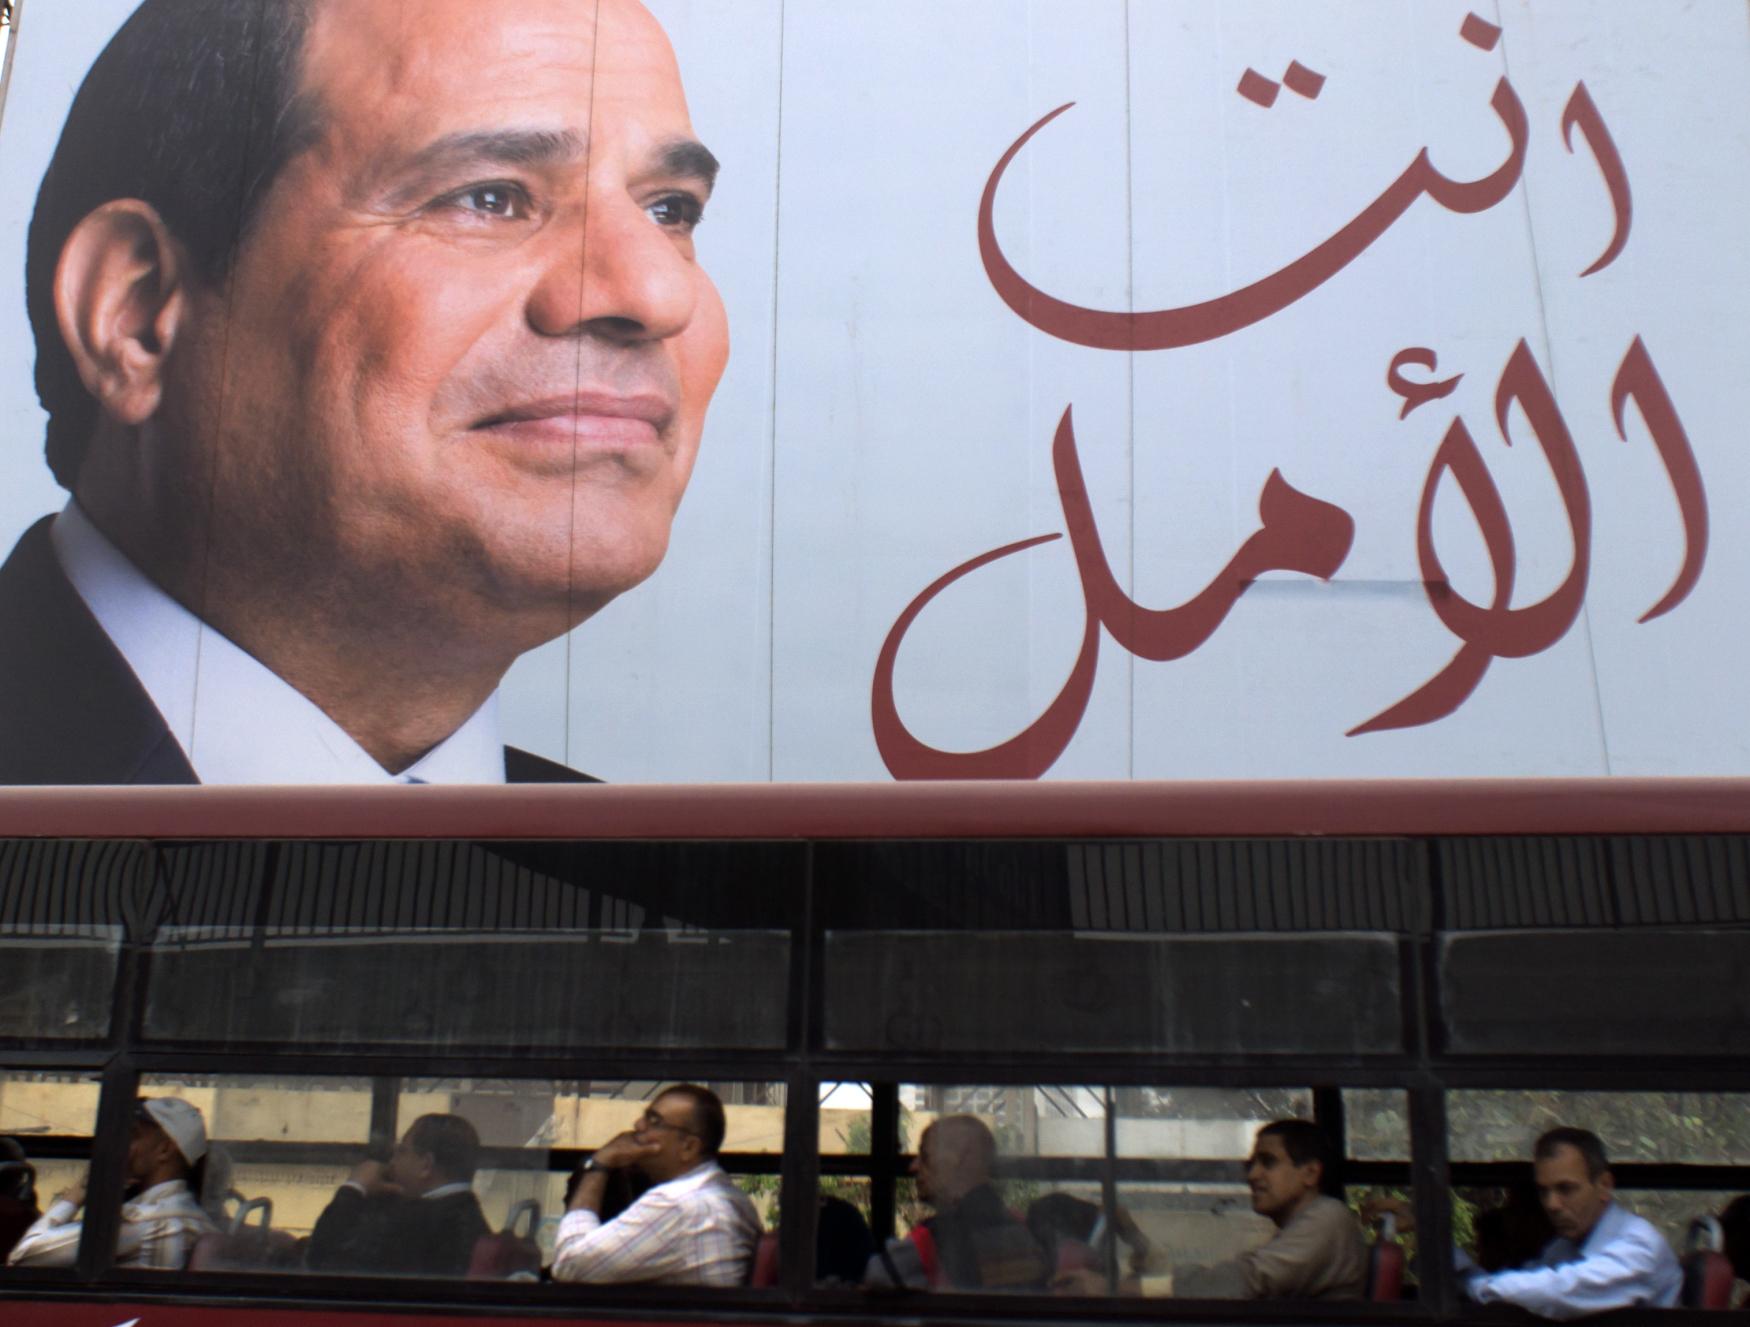 Egyptský prezident Abd al-Fattáh Sísí je podle předvolebního billboardu nadějí země